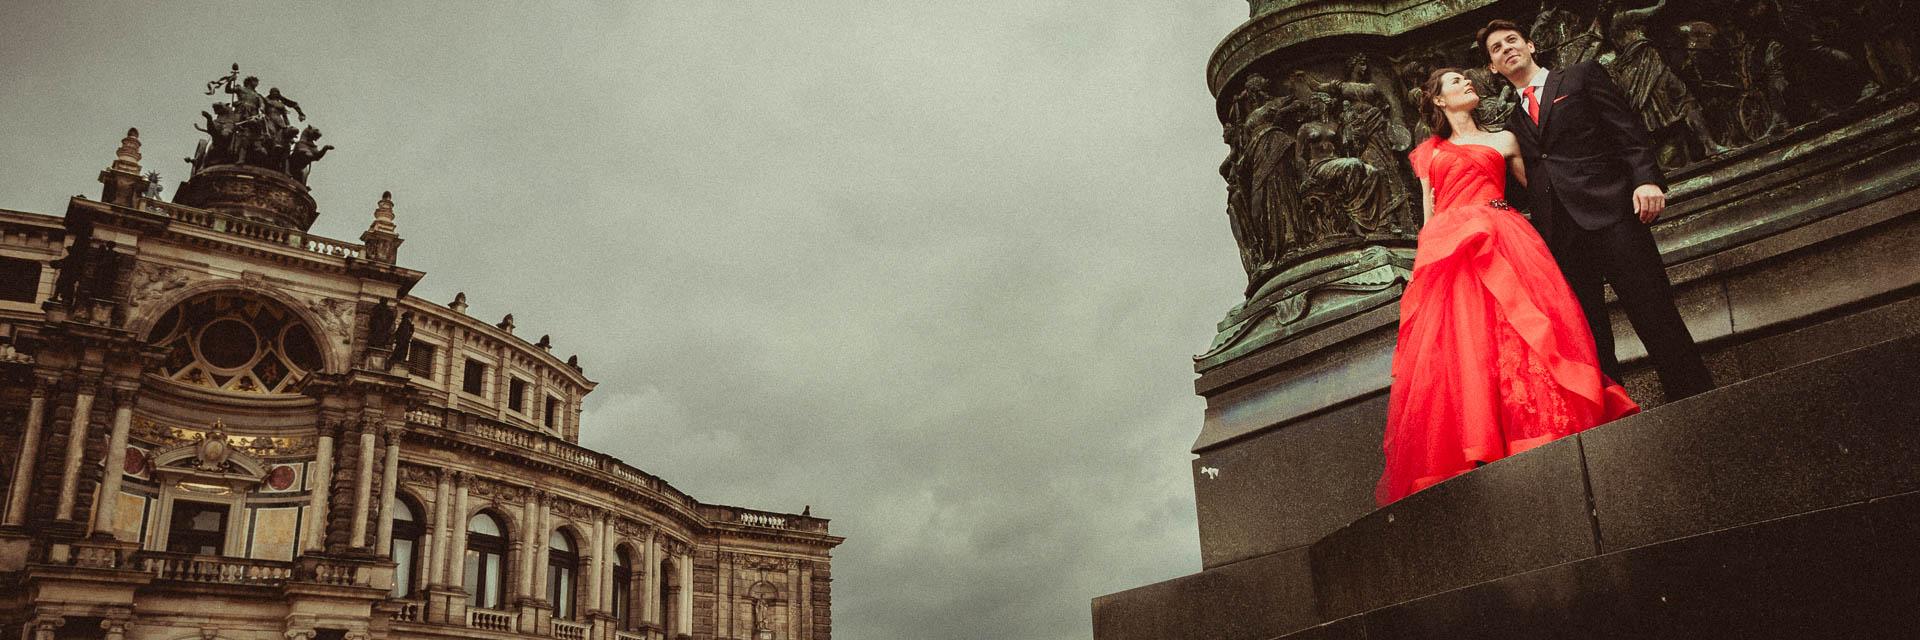 Hichzeitsfotograf Dresden